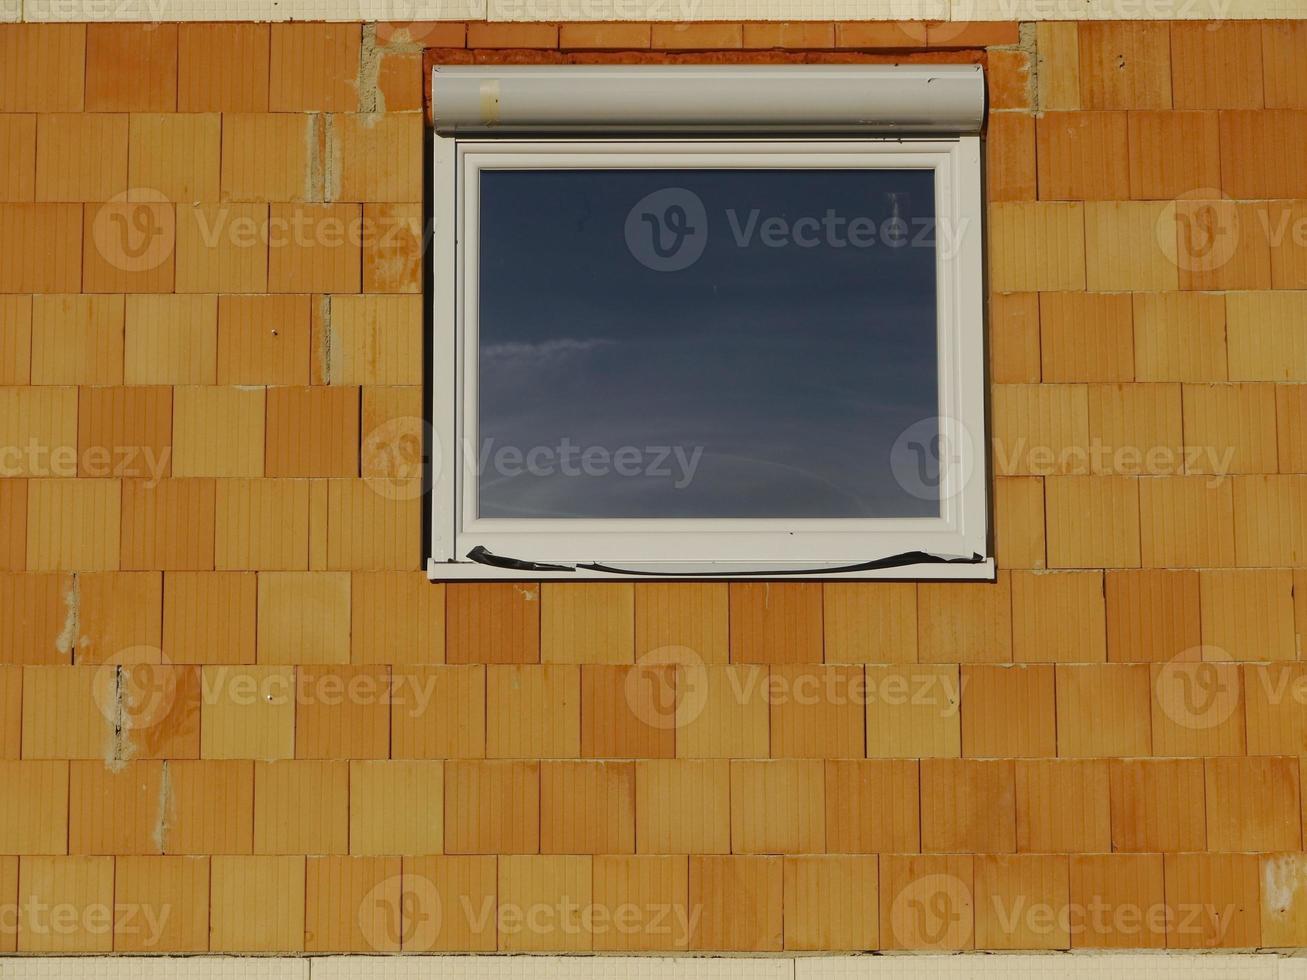 byggarbetsplats hus fönster tegelvägg glas foto